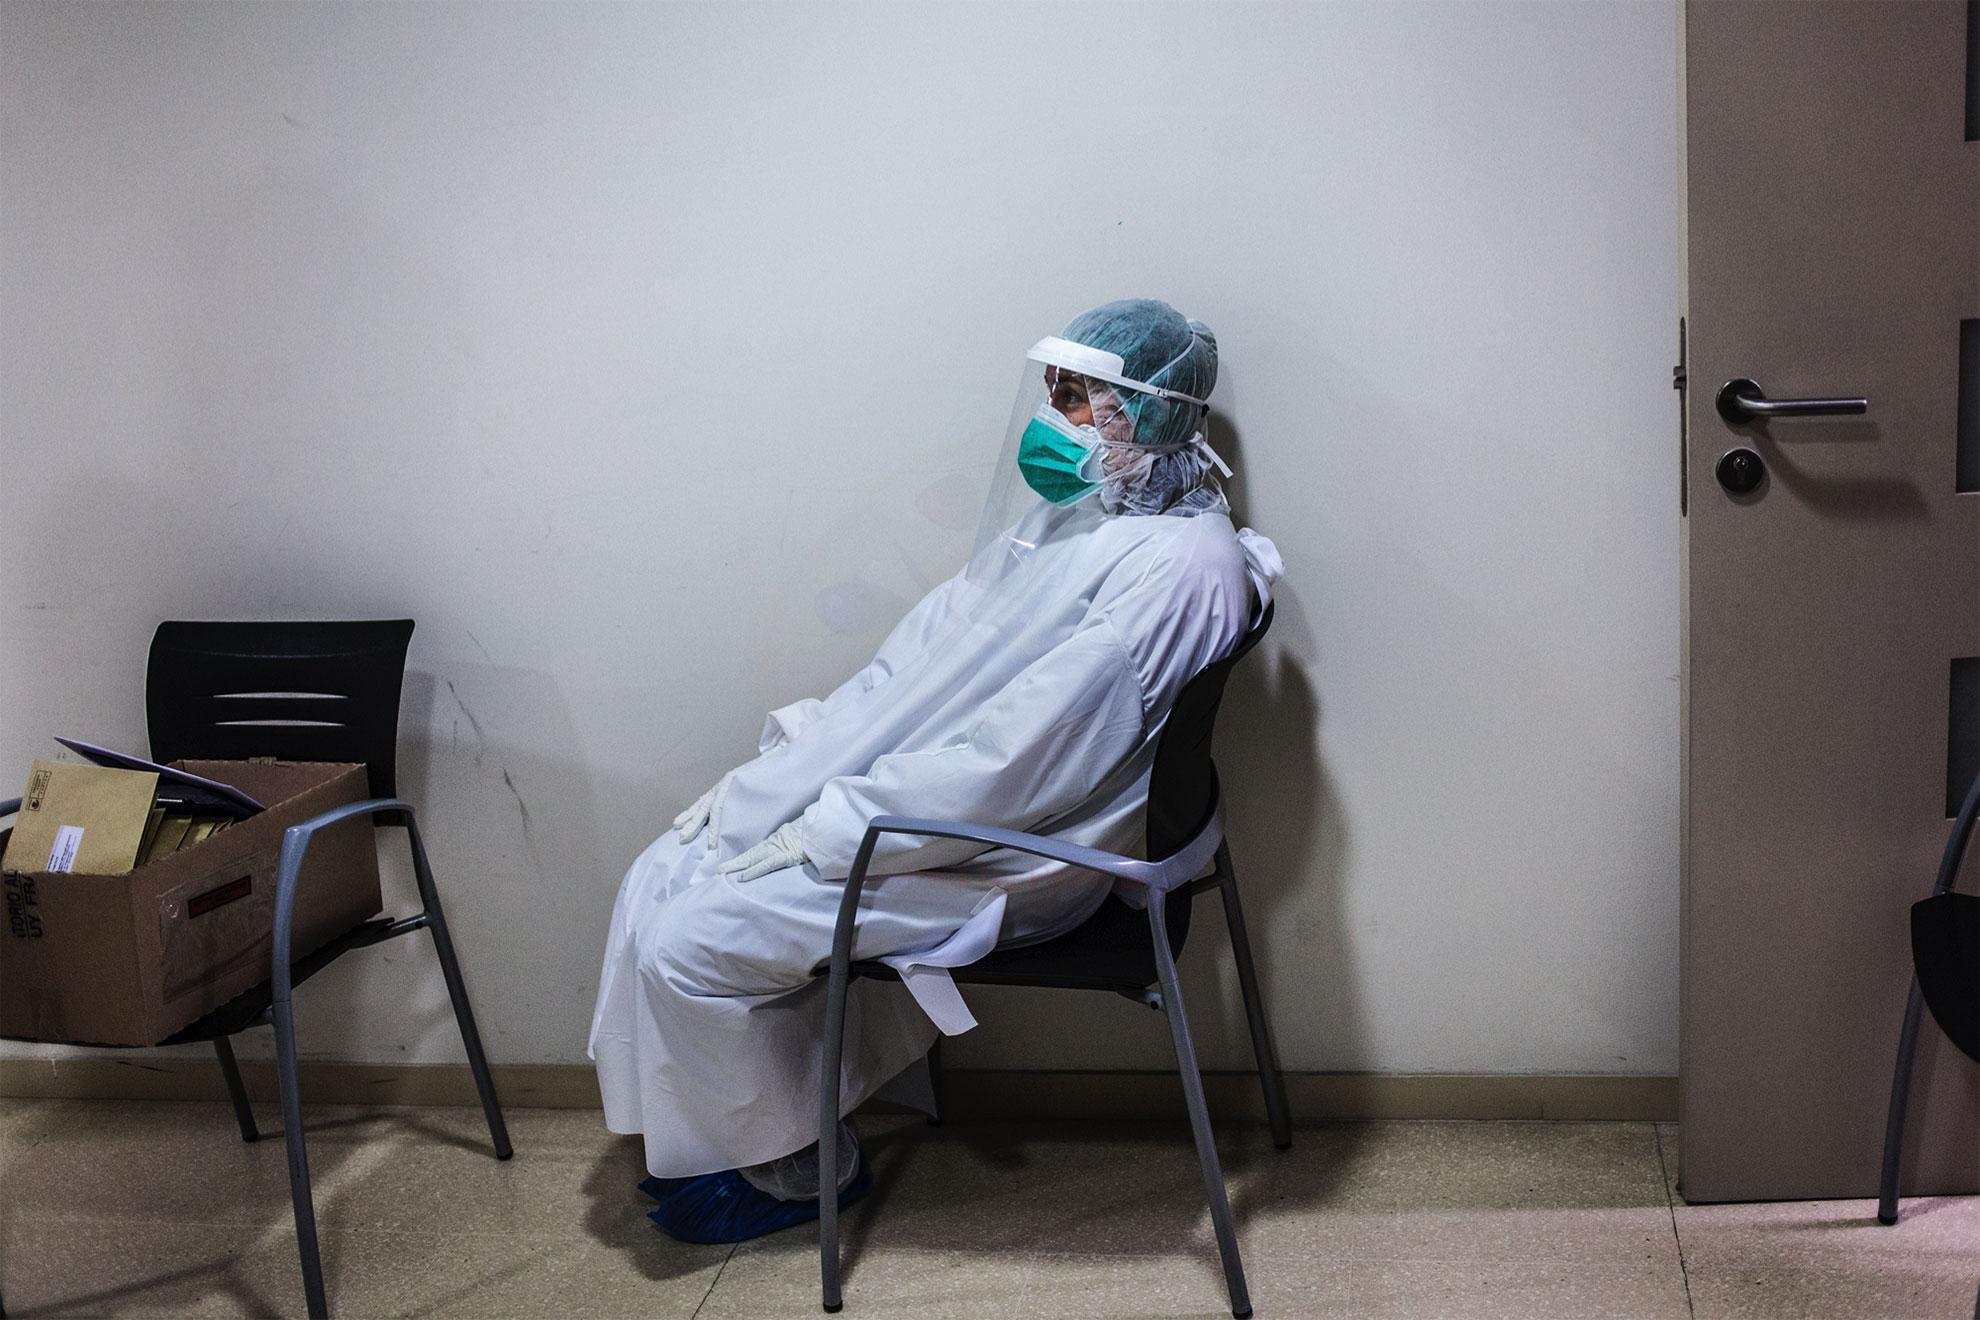 Descanso. El equipo de la ONG española Open Arms llevan a cabo pruebas de detección de coronavirus en el hogar de ancianos y en hogares privados en Cataluña, España. La iniciativa es parte de un ensayo clínico dirigido por los médicos Oriol Mitja y Bonaventura Clotet, de la Fundación Lluita contra el SIDA y el Hospital Germans Trias, centrados en reducir la transmisión del virus.